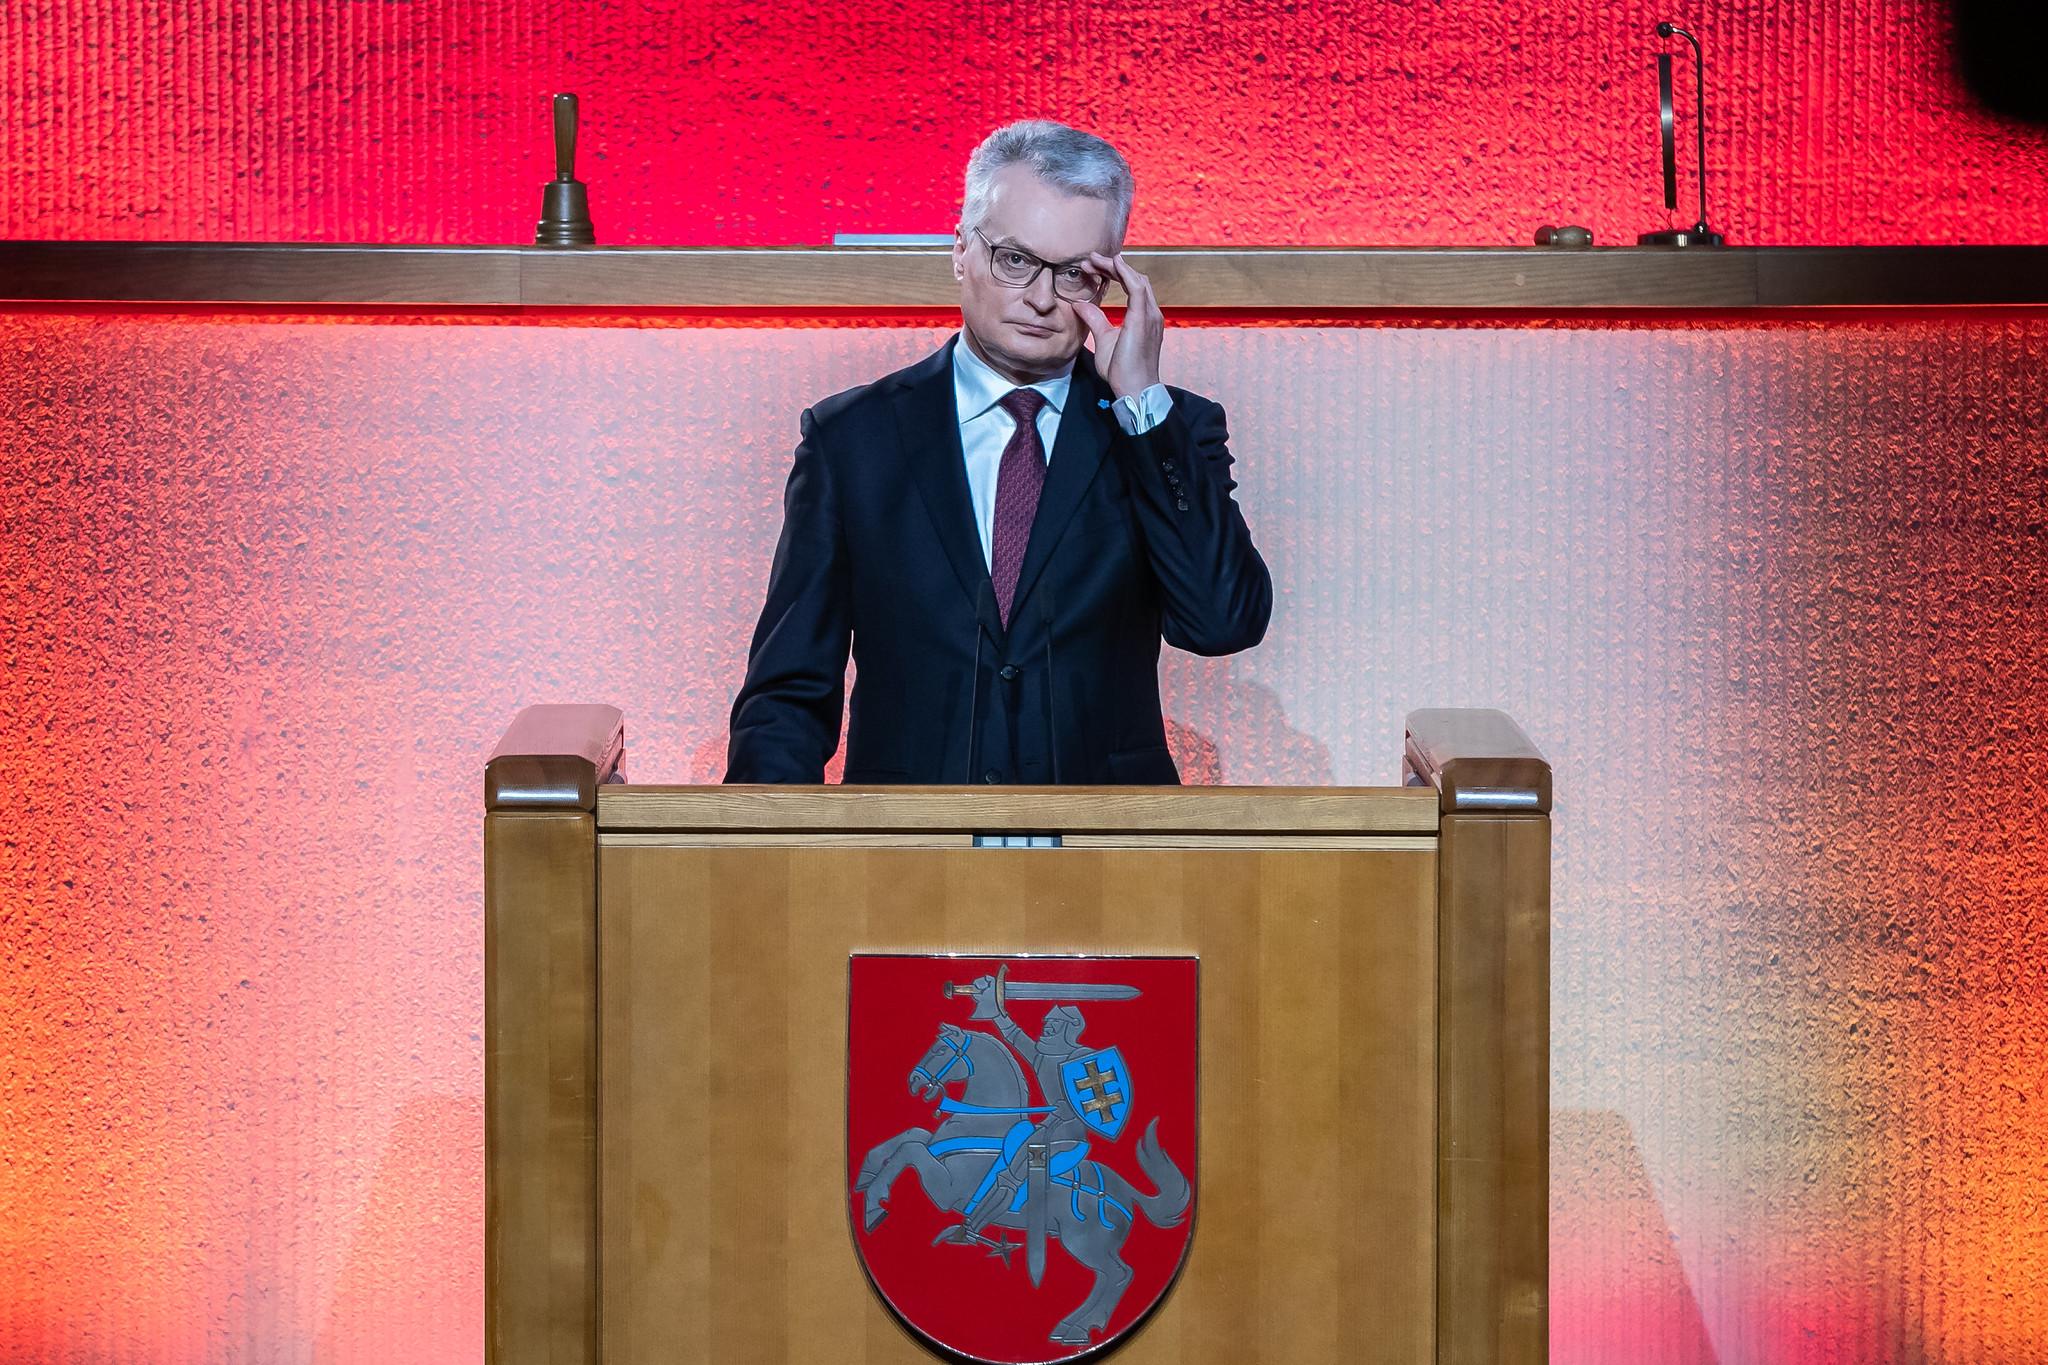 Przemowa prezydenta Litwy Gitanasa Nausėdy podczas obchodów Dnia Obrońców Wolności w Sejmie